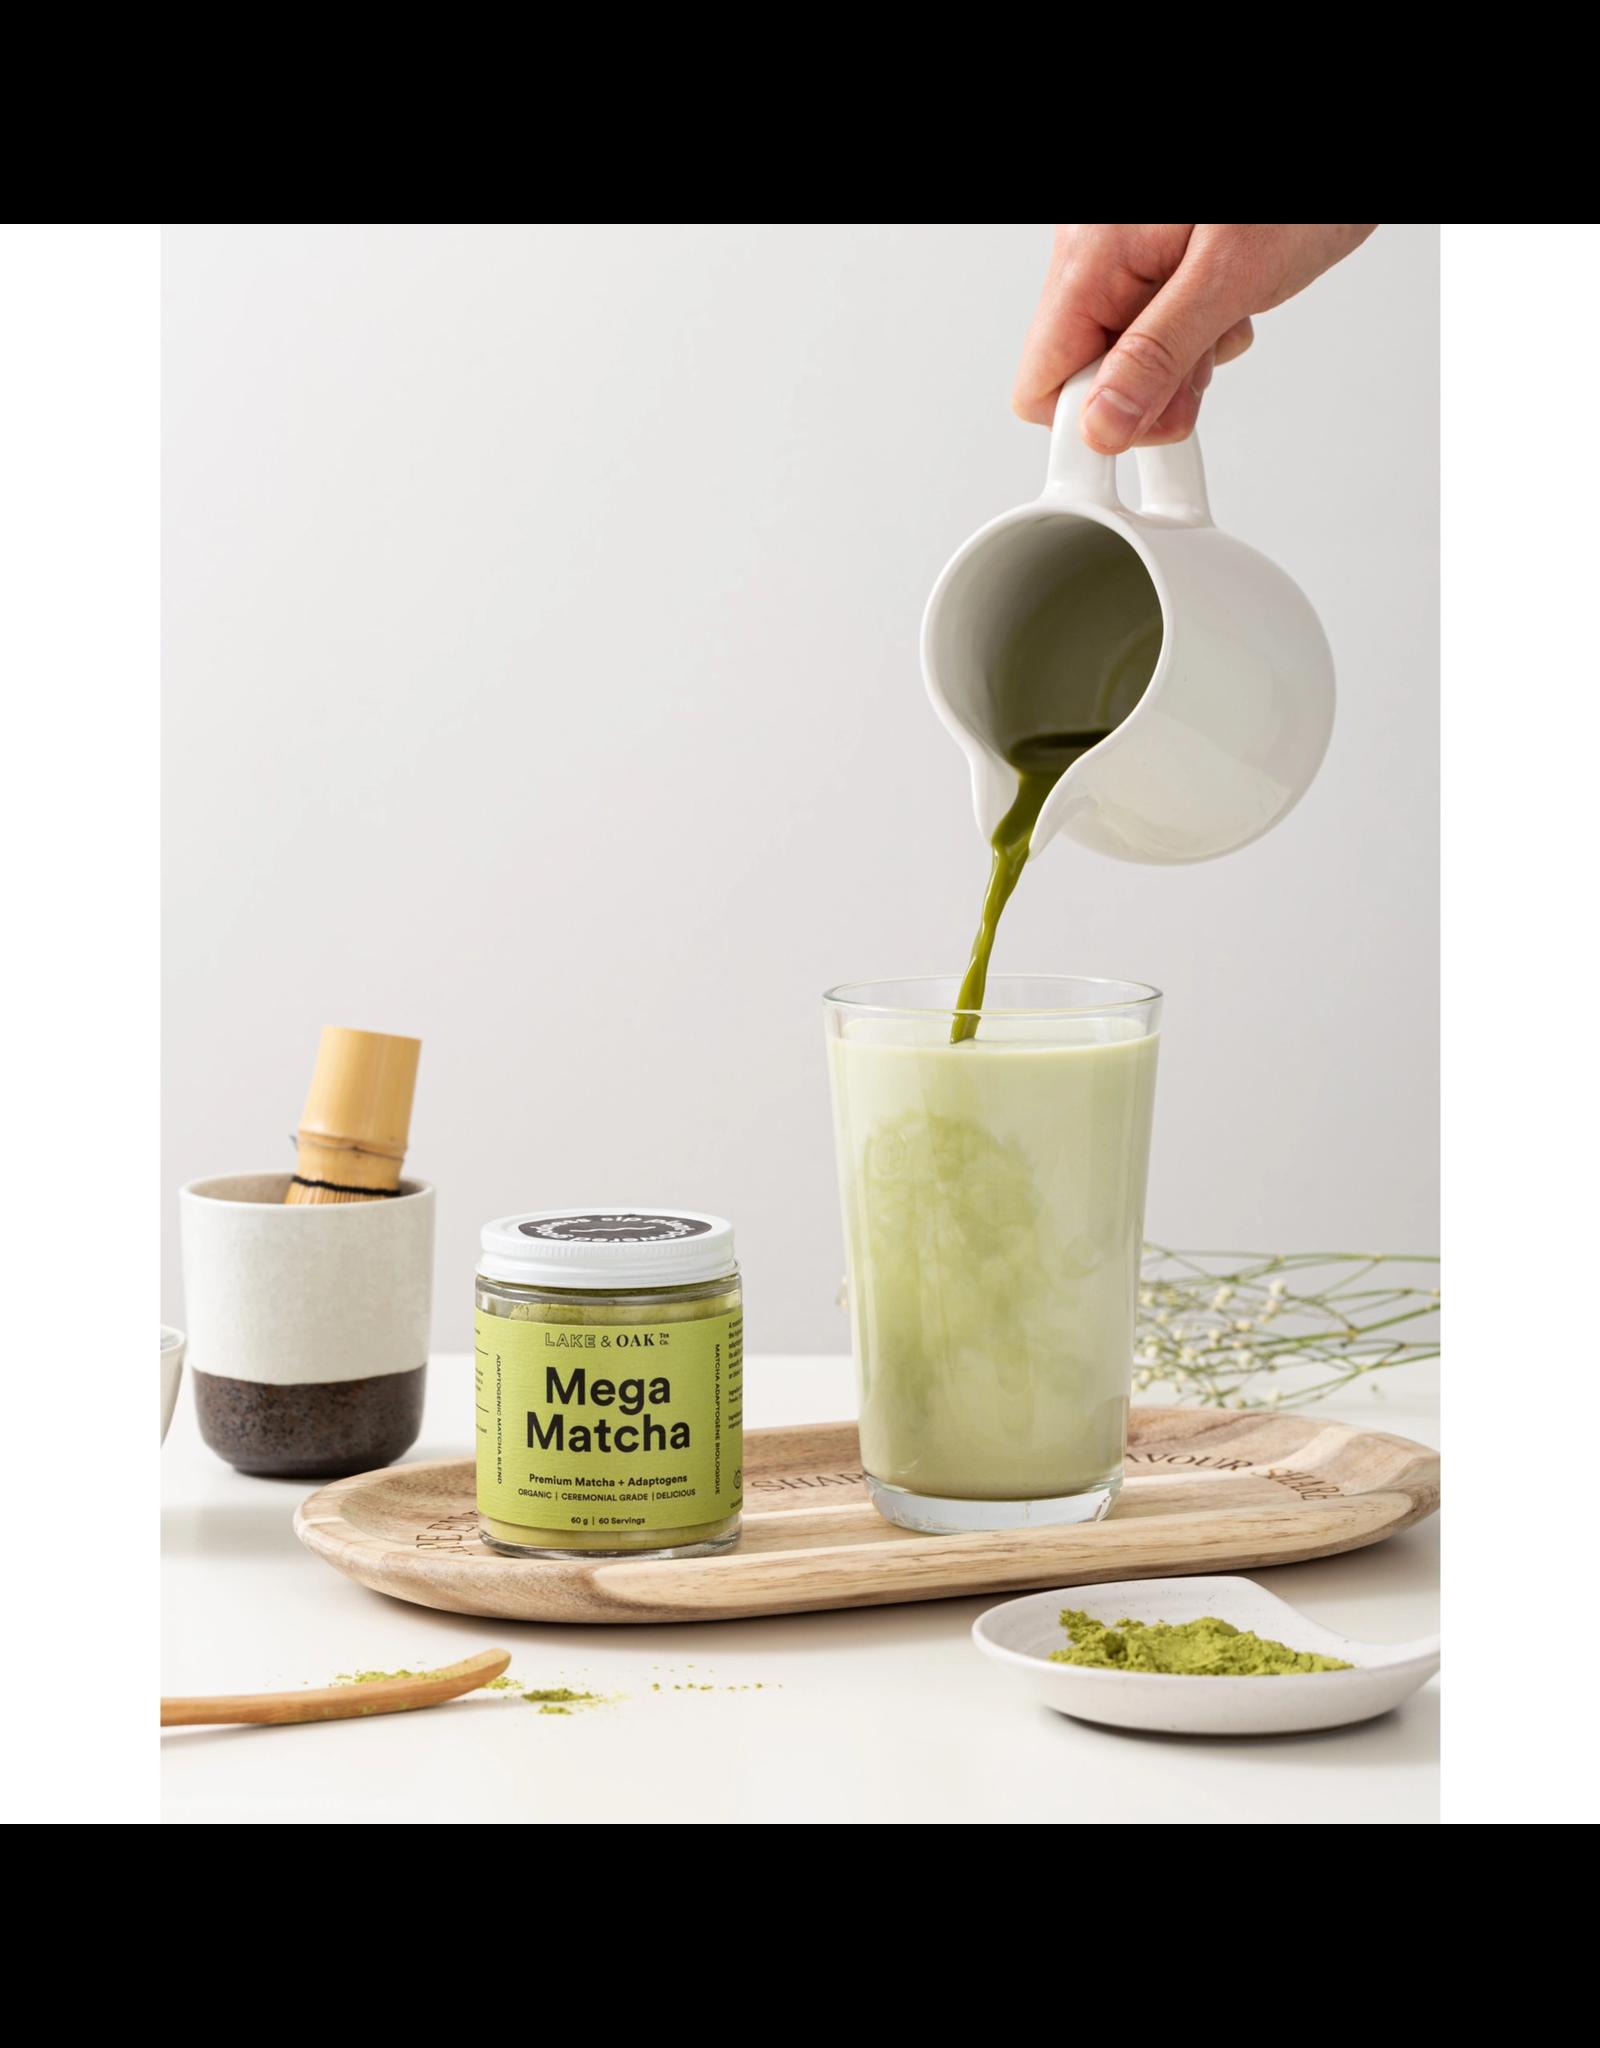 Lake & Oak Tea Co. Mega Matcha - Superfood Latte